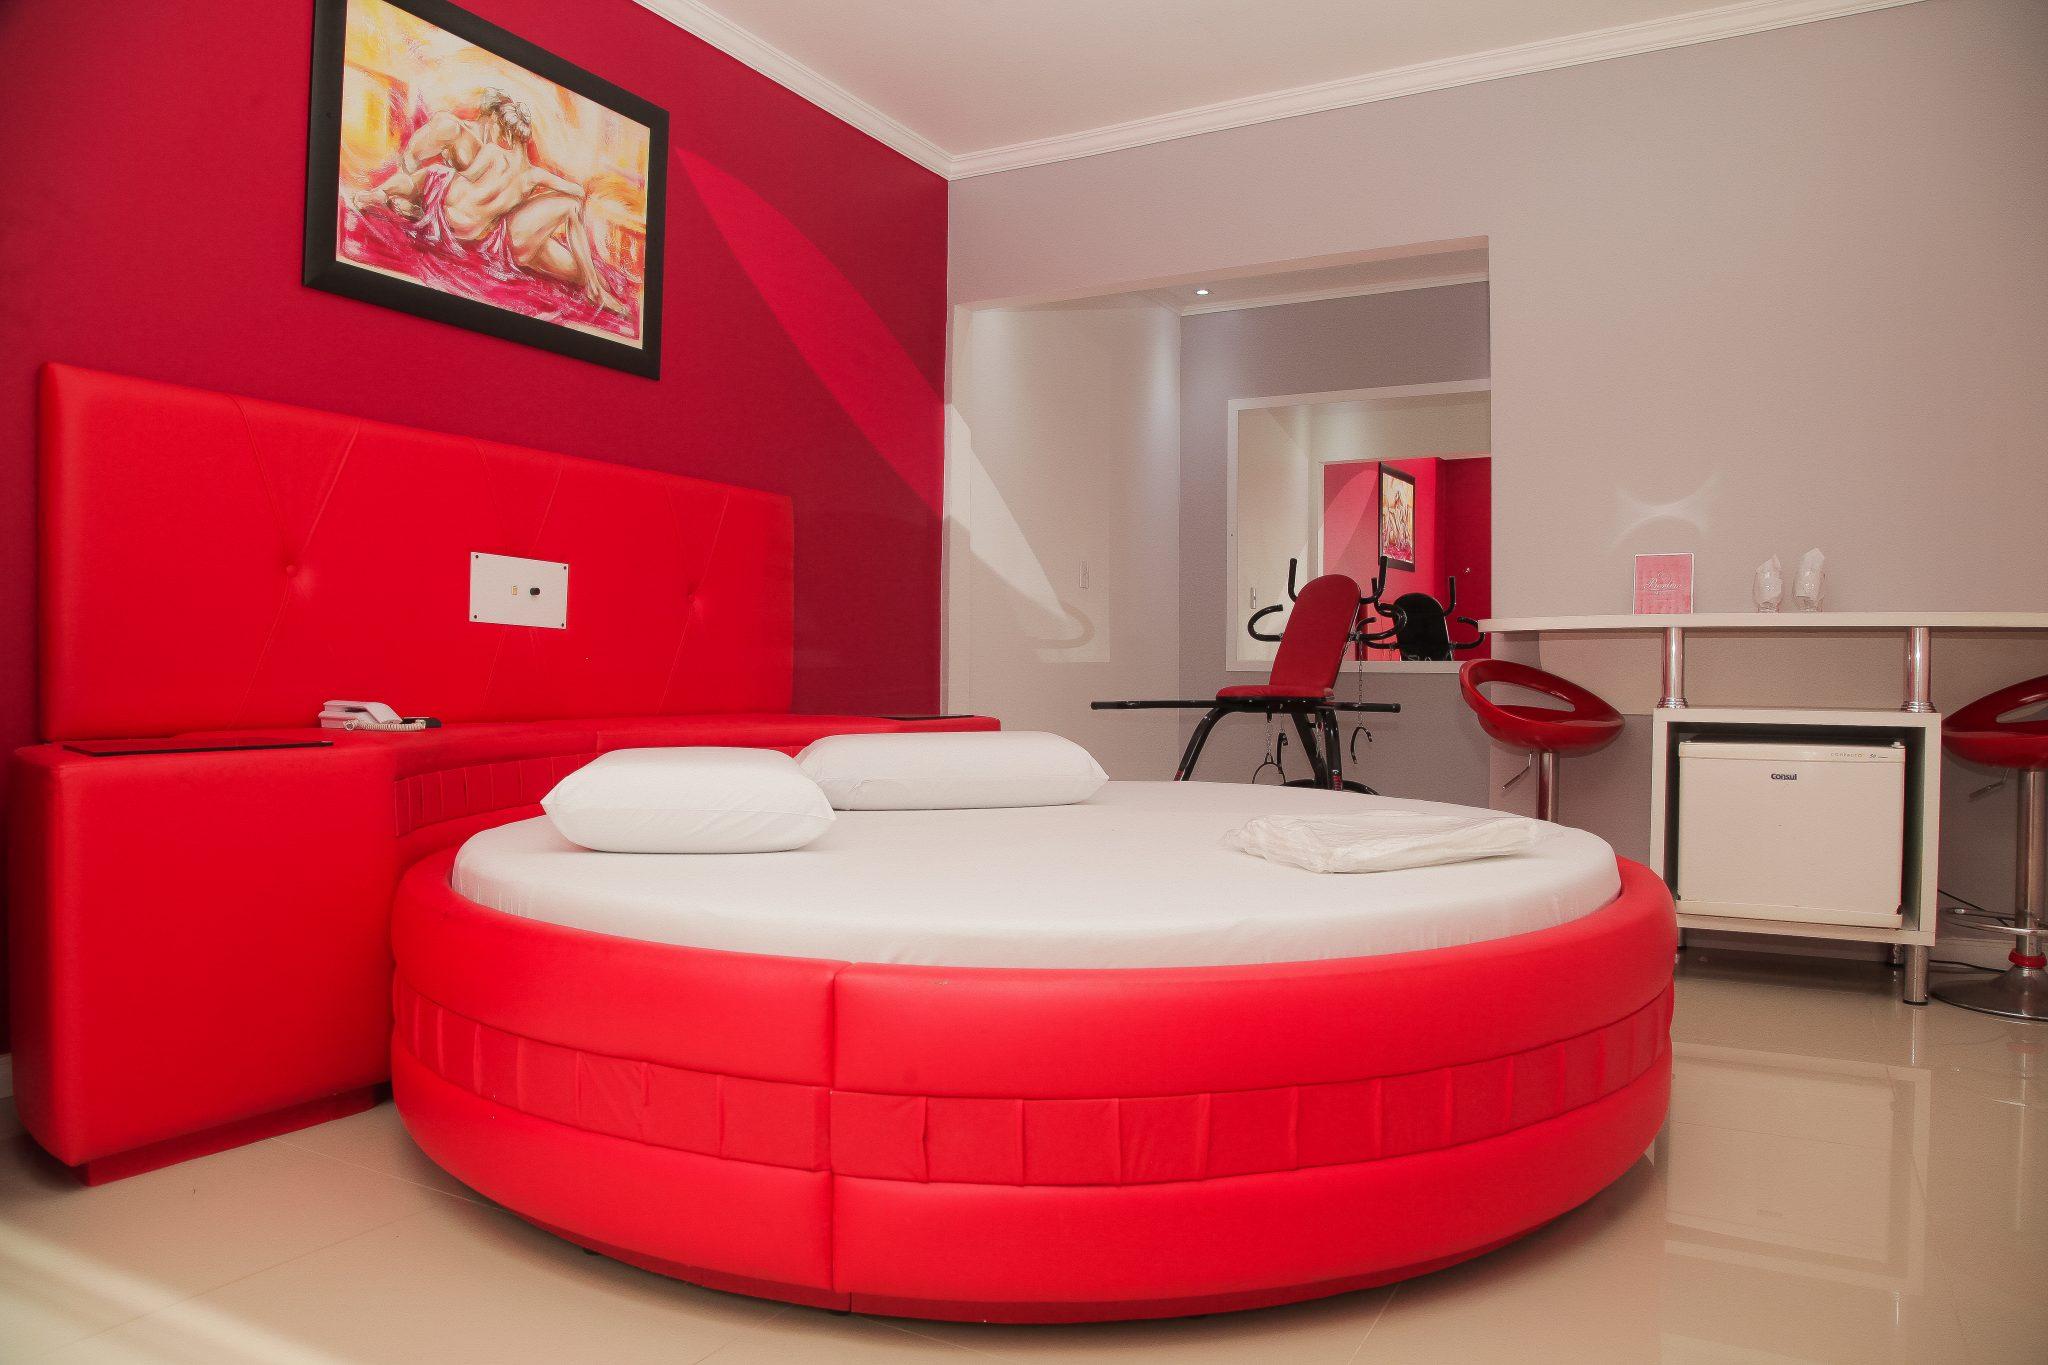 Apartamento 3 estrela com cadeira erótica (18)